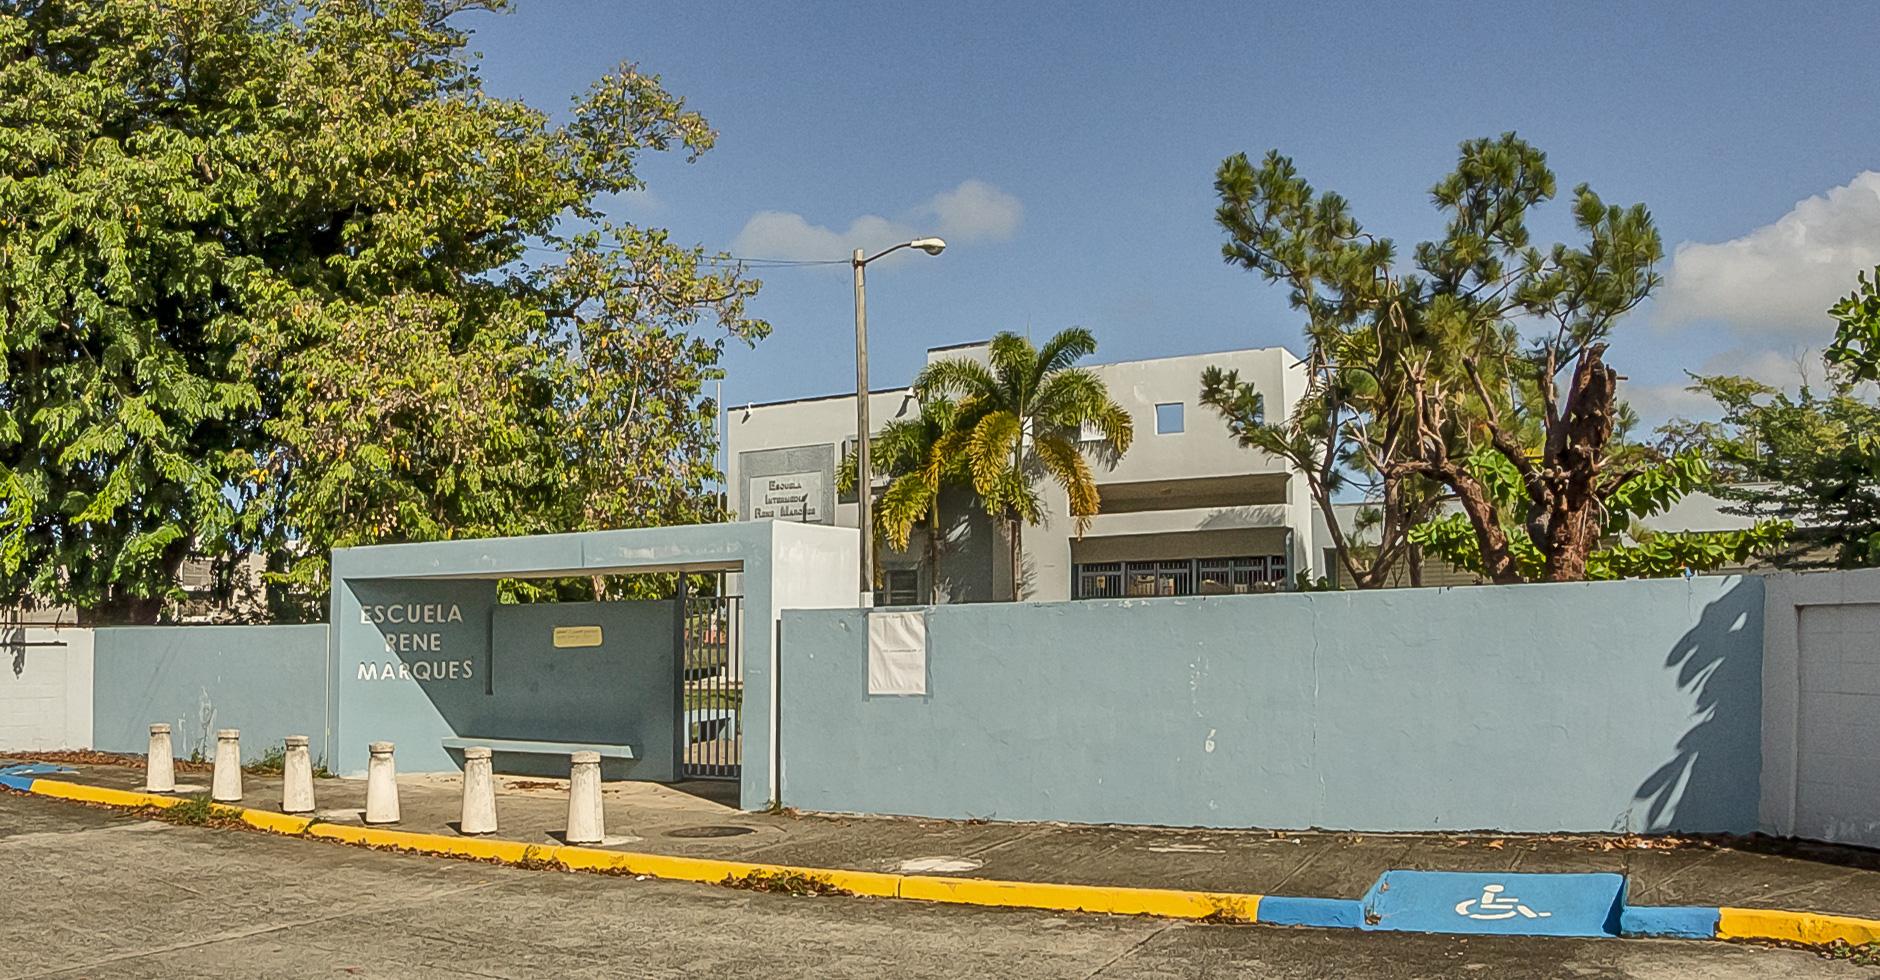 Escuela René Marqués